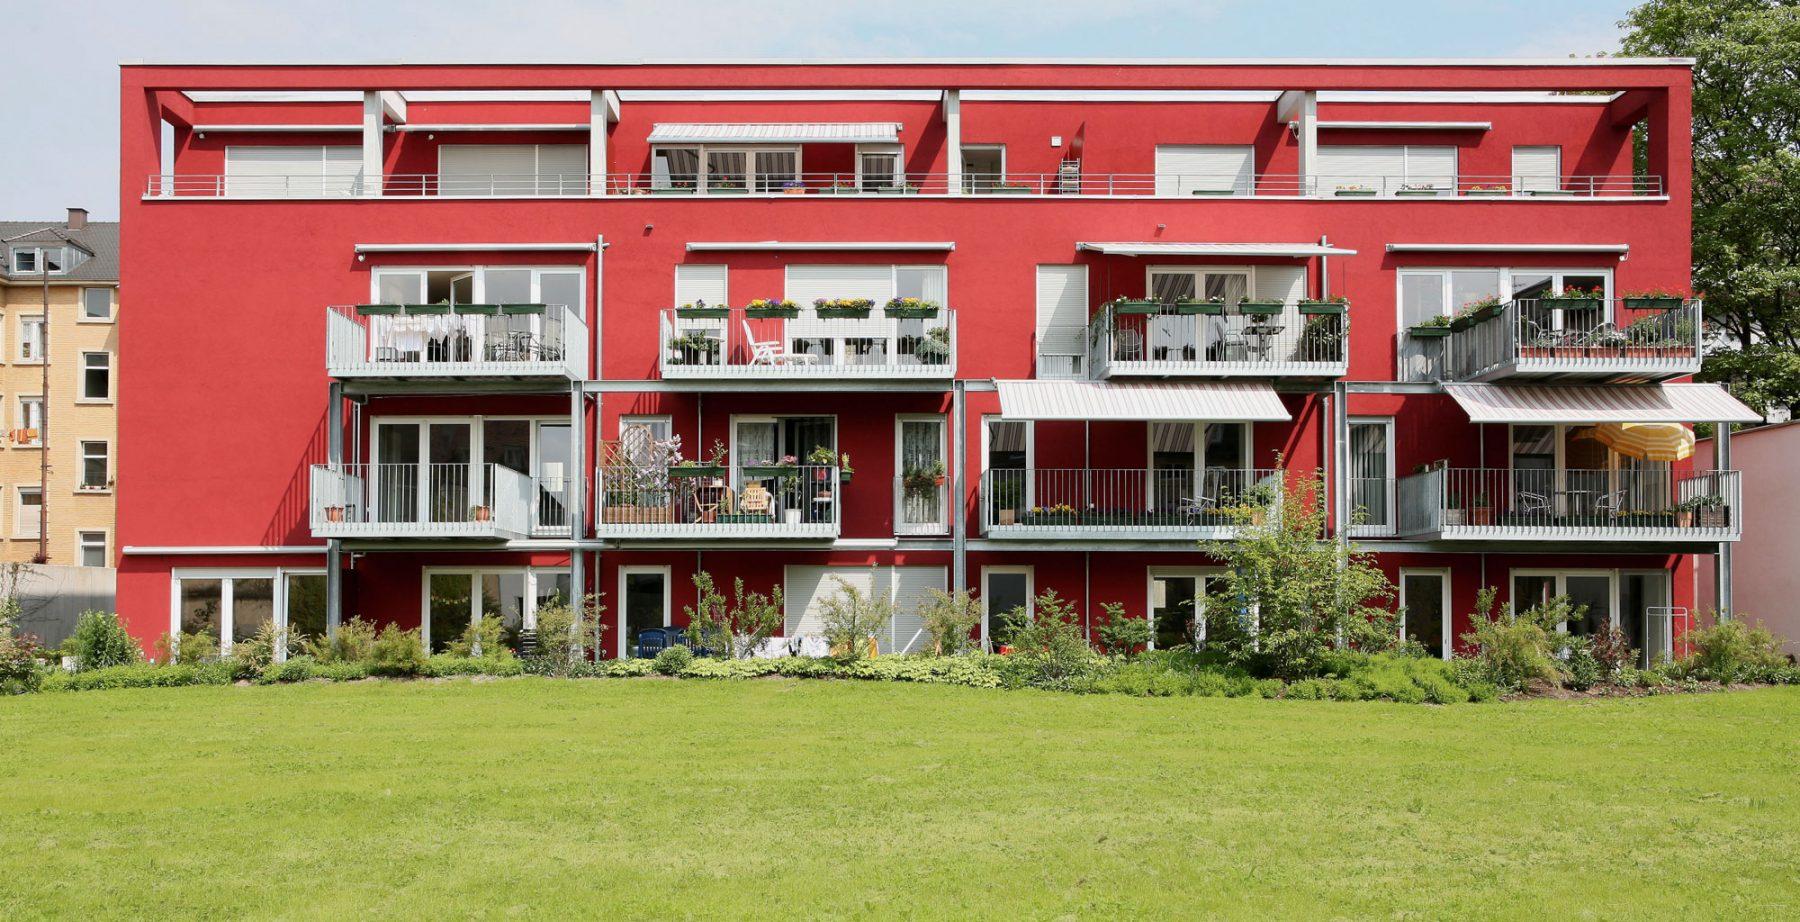 ZAG_Hofgarten-Karlsruhe_Gartenansicht-frontal_Grünenwald + Heyl . Architekten